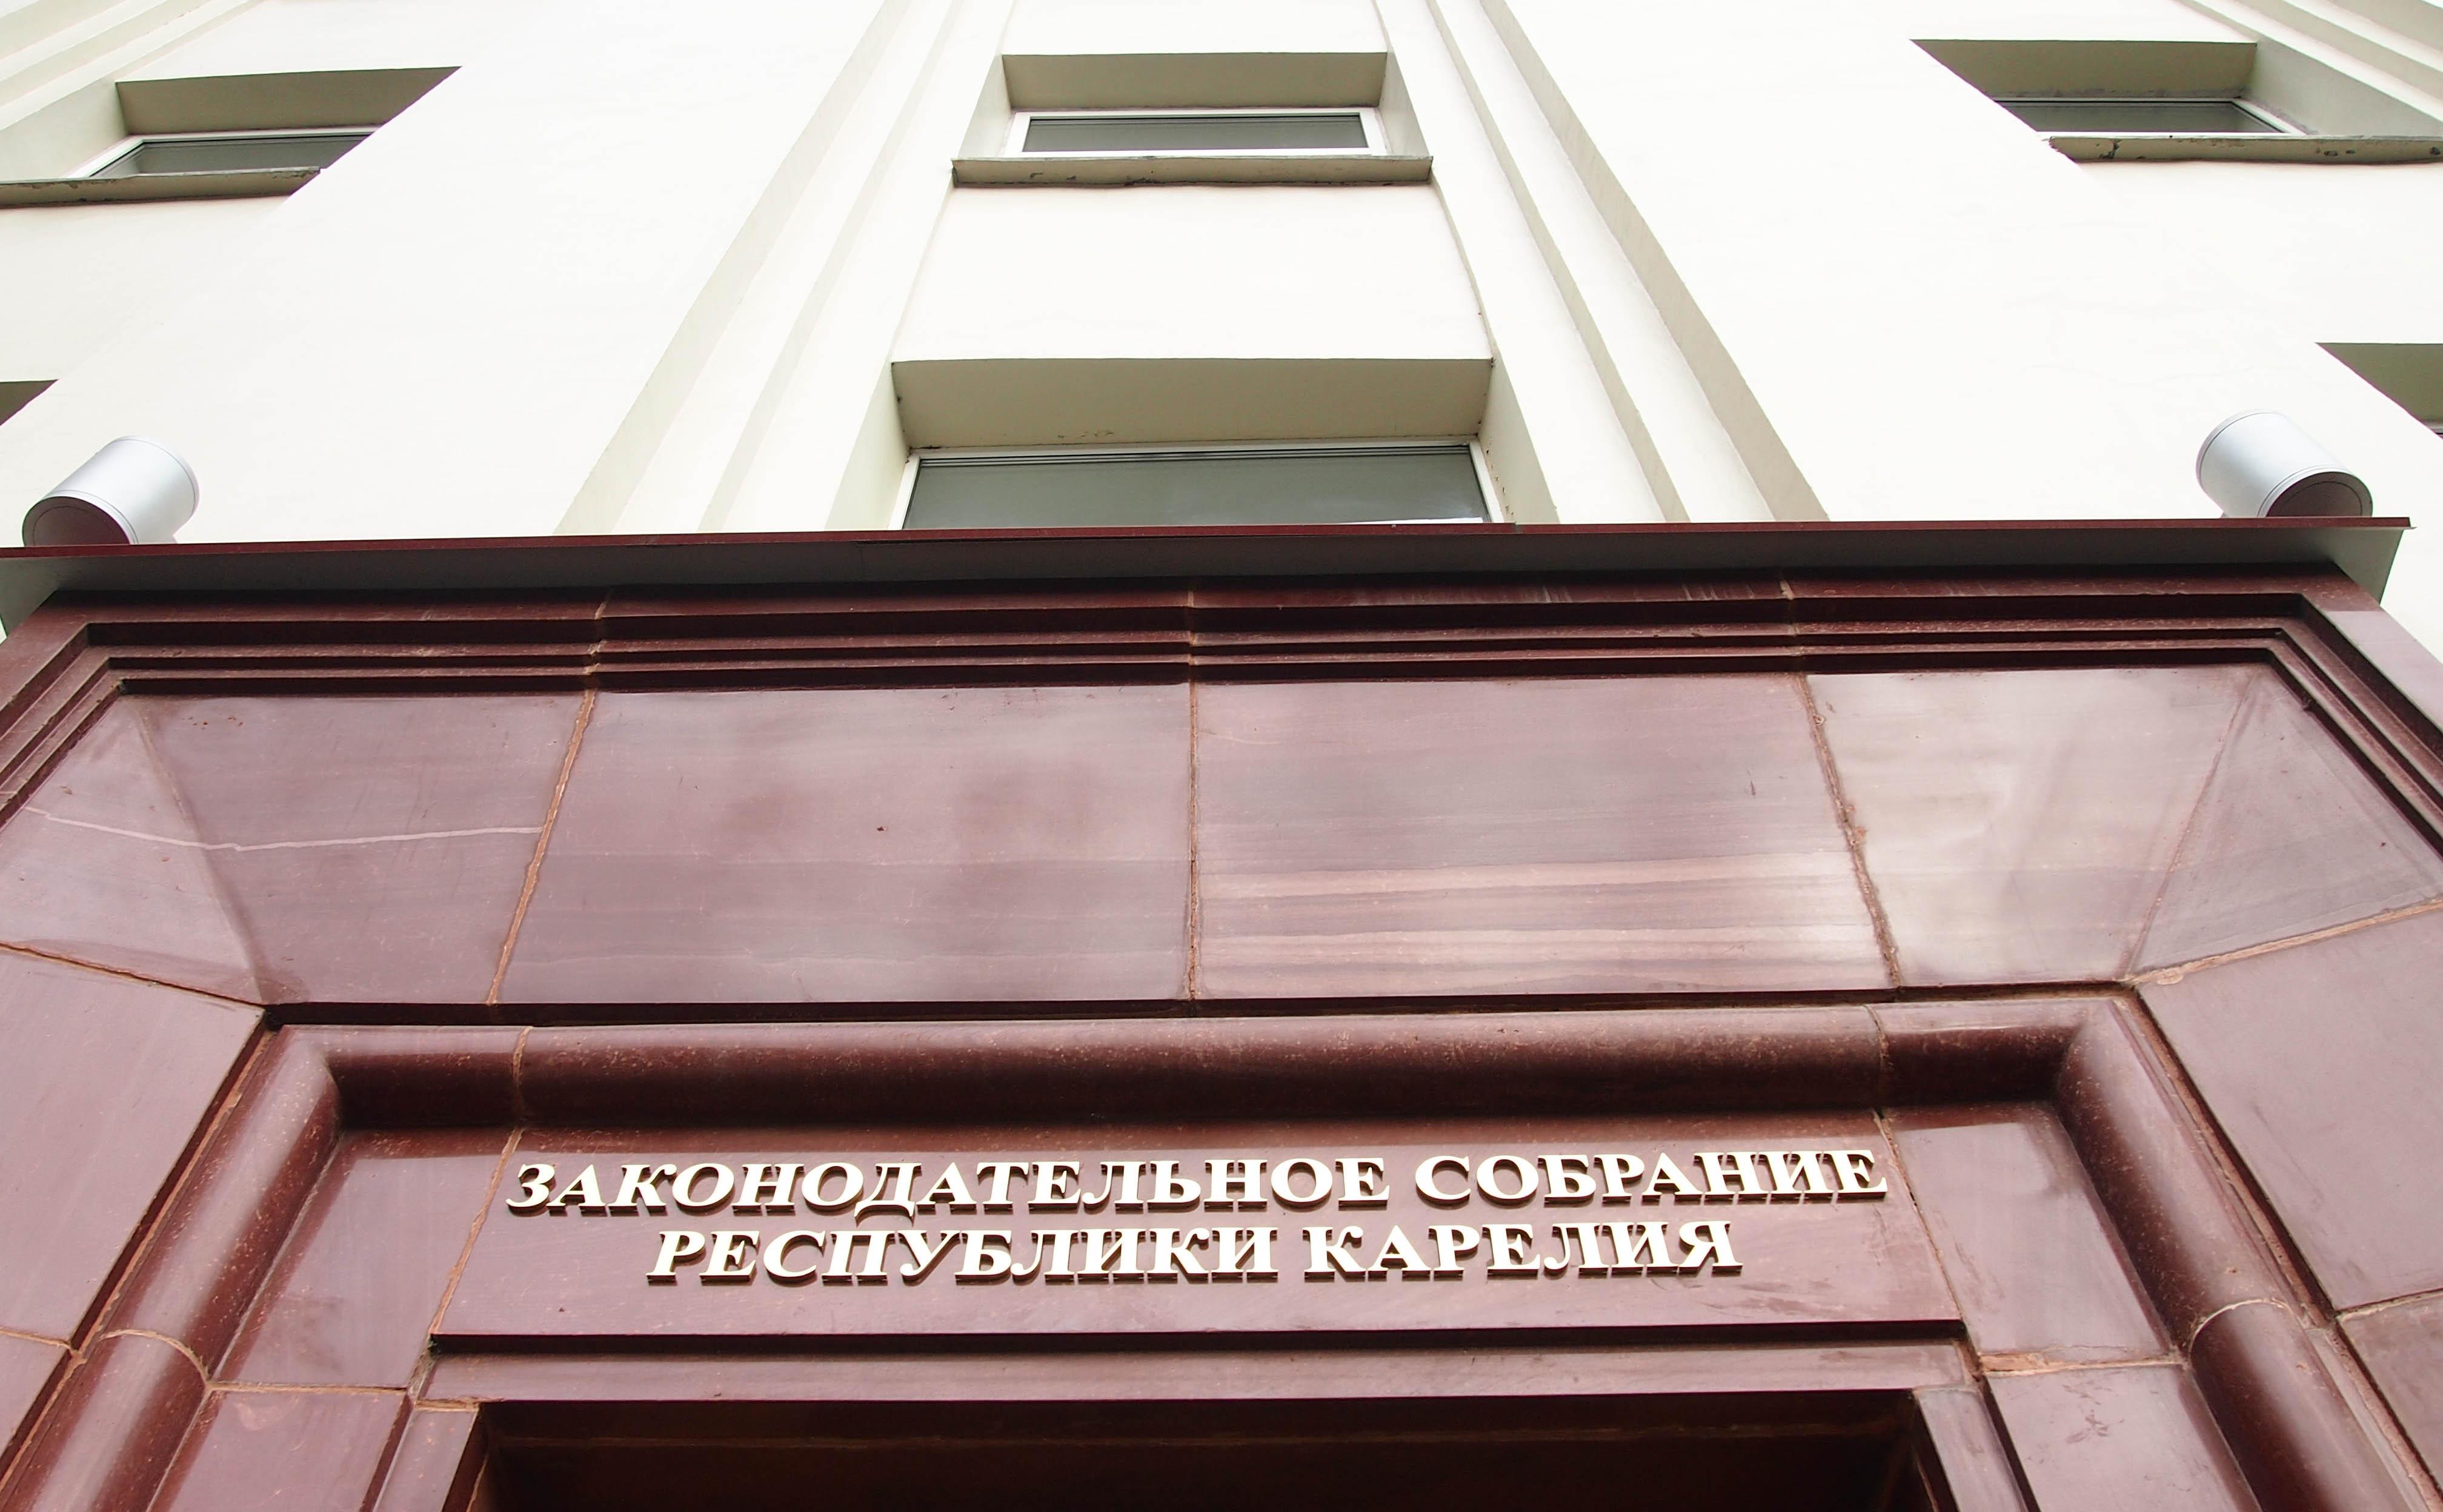 В Карелии вместе с выборами в Госдуму пройдут выборы в Законодательное собрание республики. Фото: Валерий Поташов